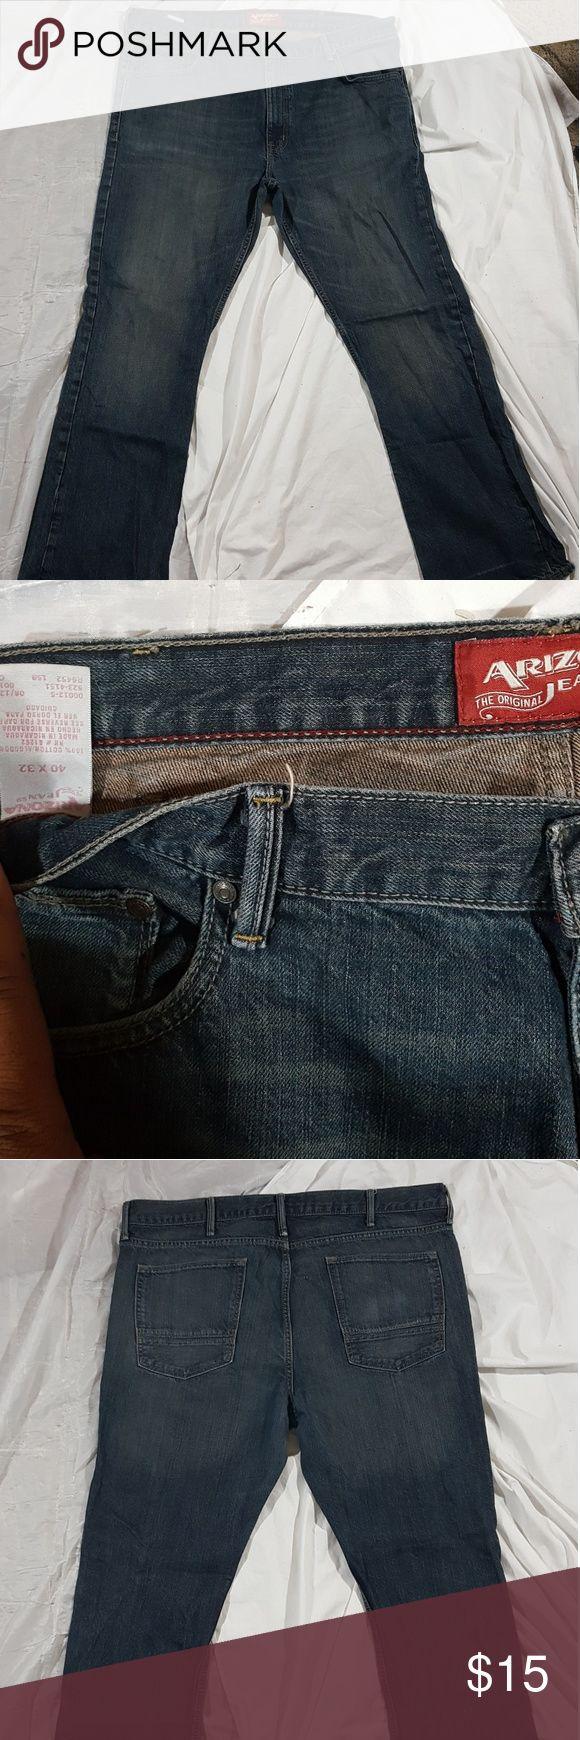 Arizona Men Bootcut Jeans SZ 40/32 Arizona Men Bootcut Jeans SZ 40/32 Arizona Jean Company Jeans Bootcut